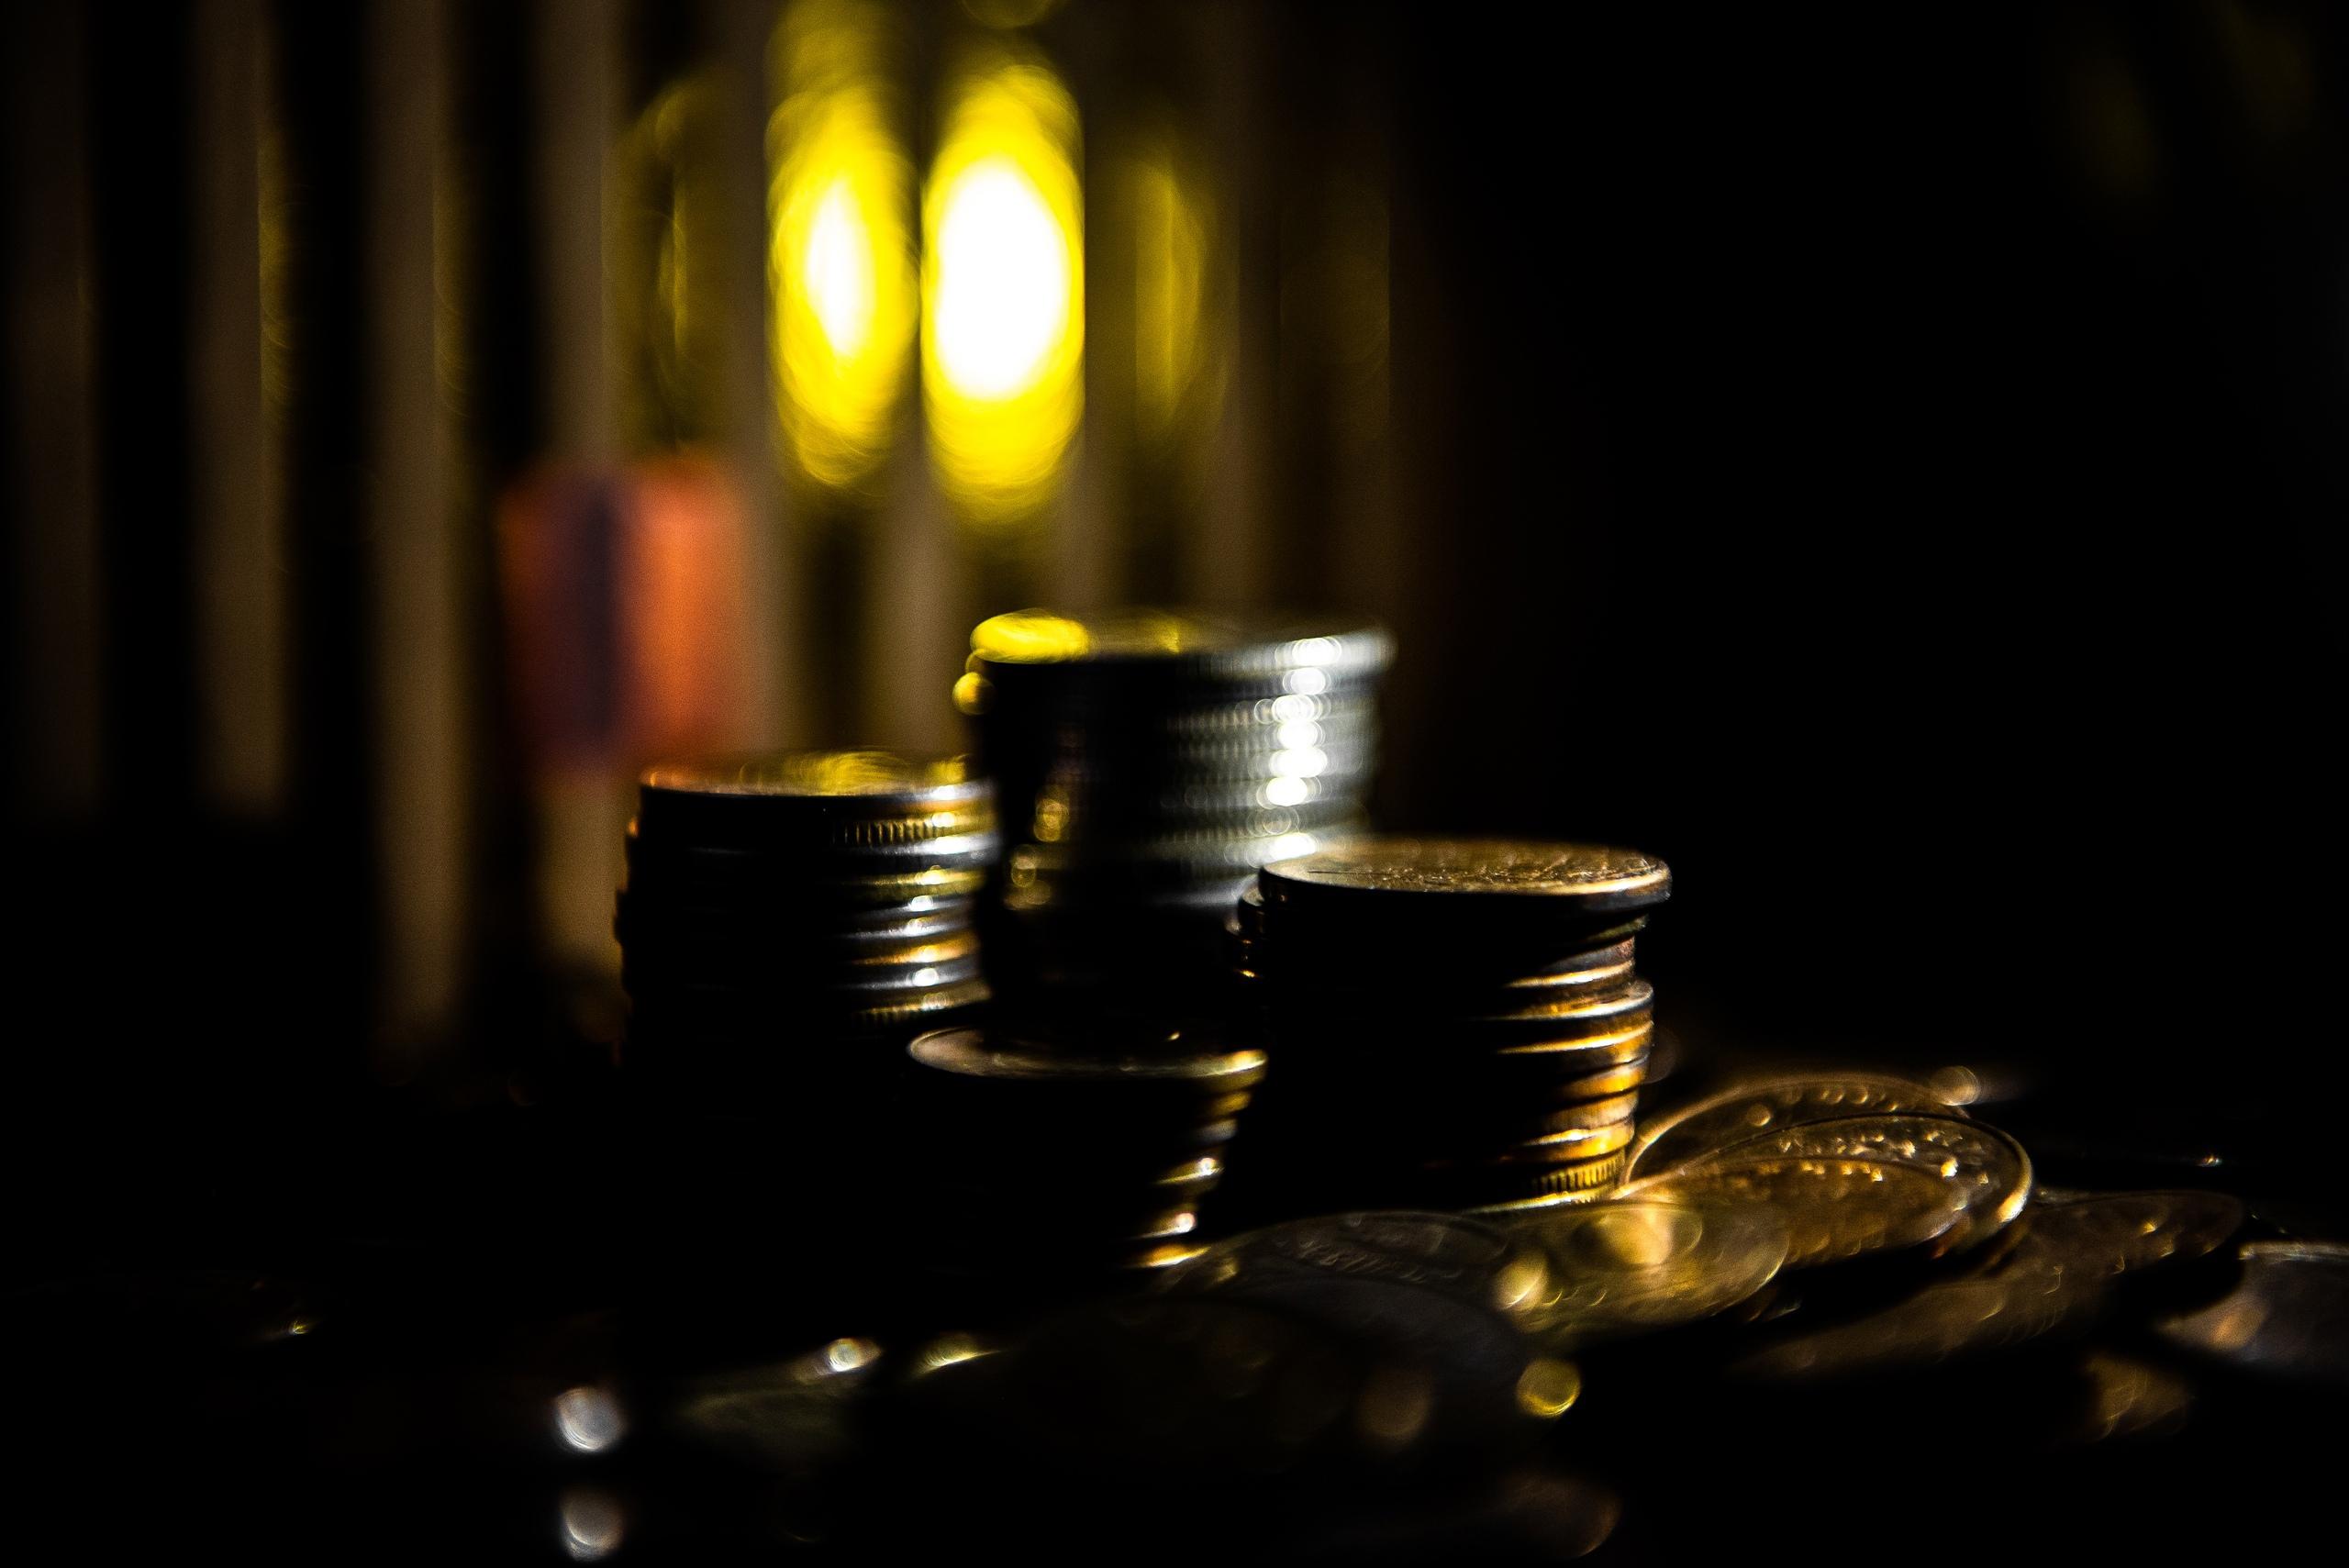 По данным российского рейтингового агентства, облигации ХМАО имеют «стабильный» прогноз